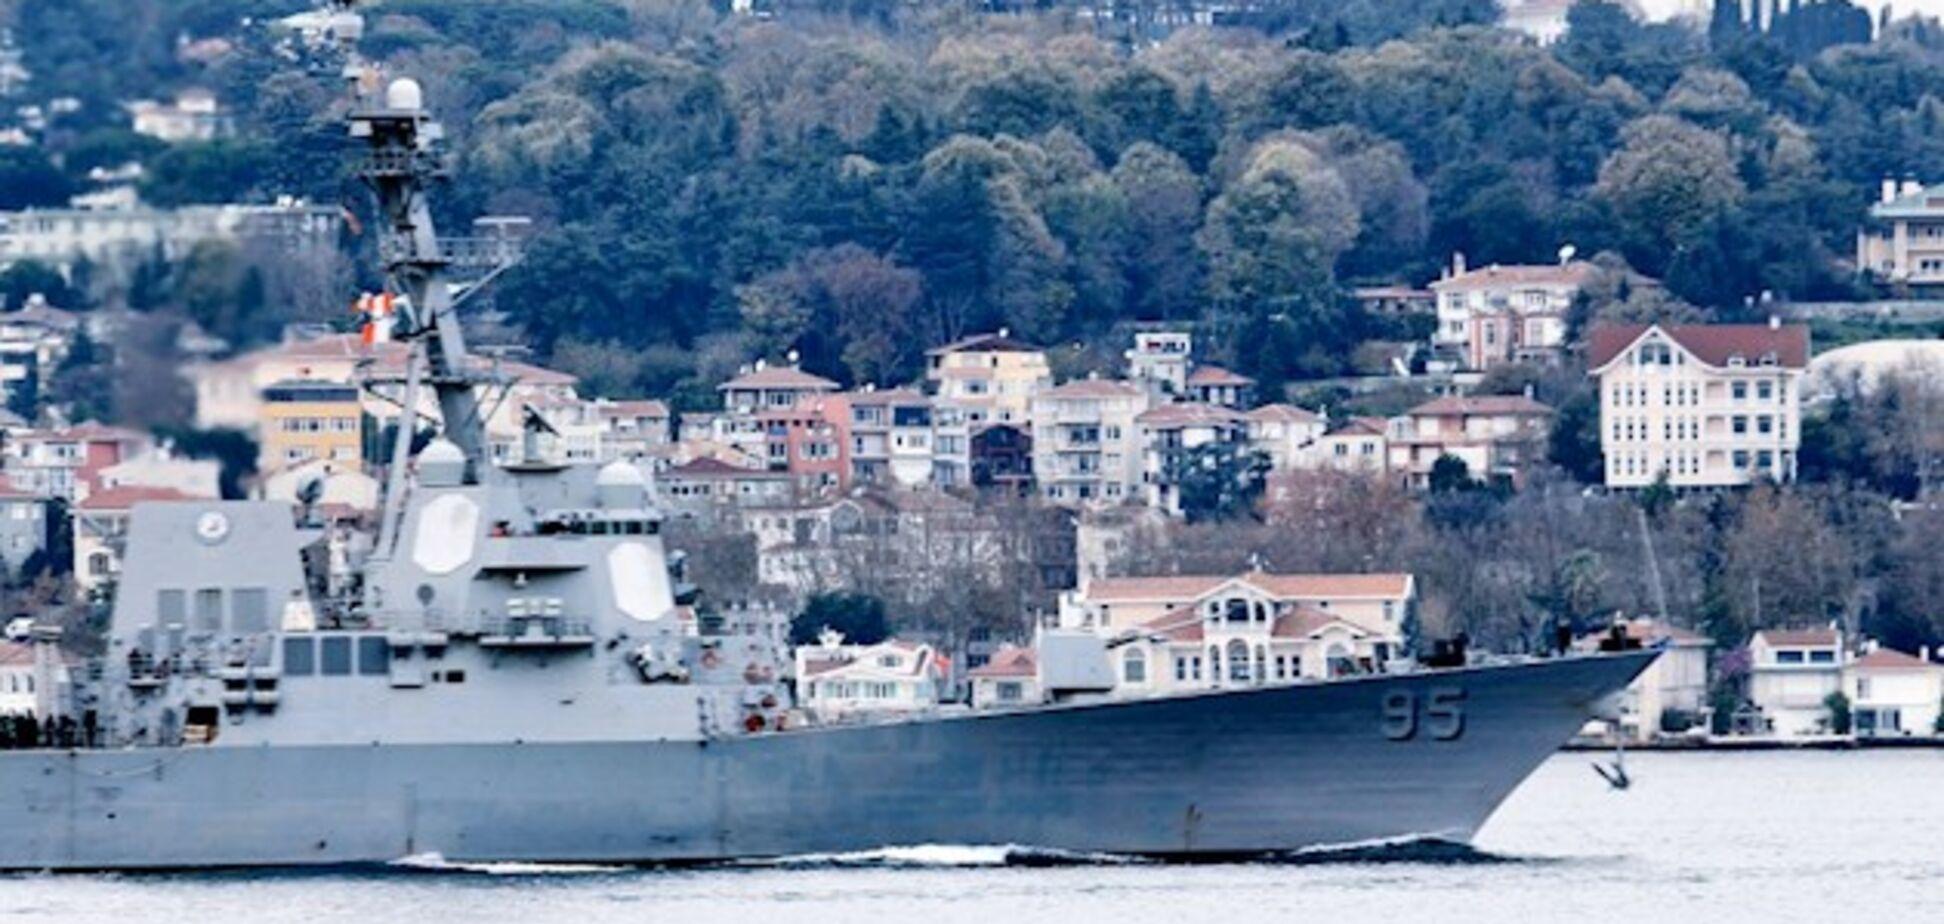 Это не озеро России: адмирал пояснил задачи эсминца США в Черном море